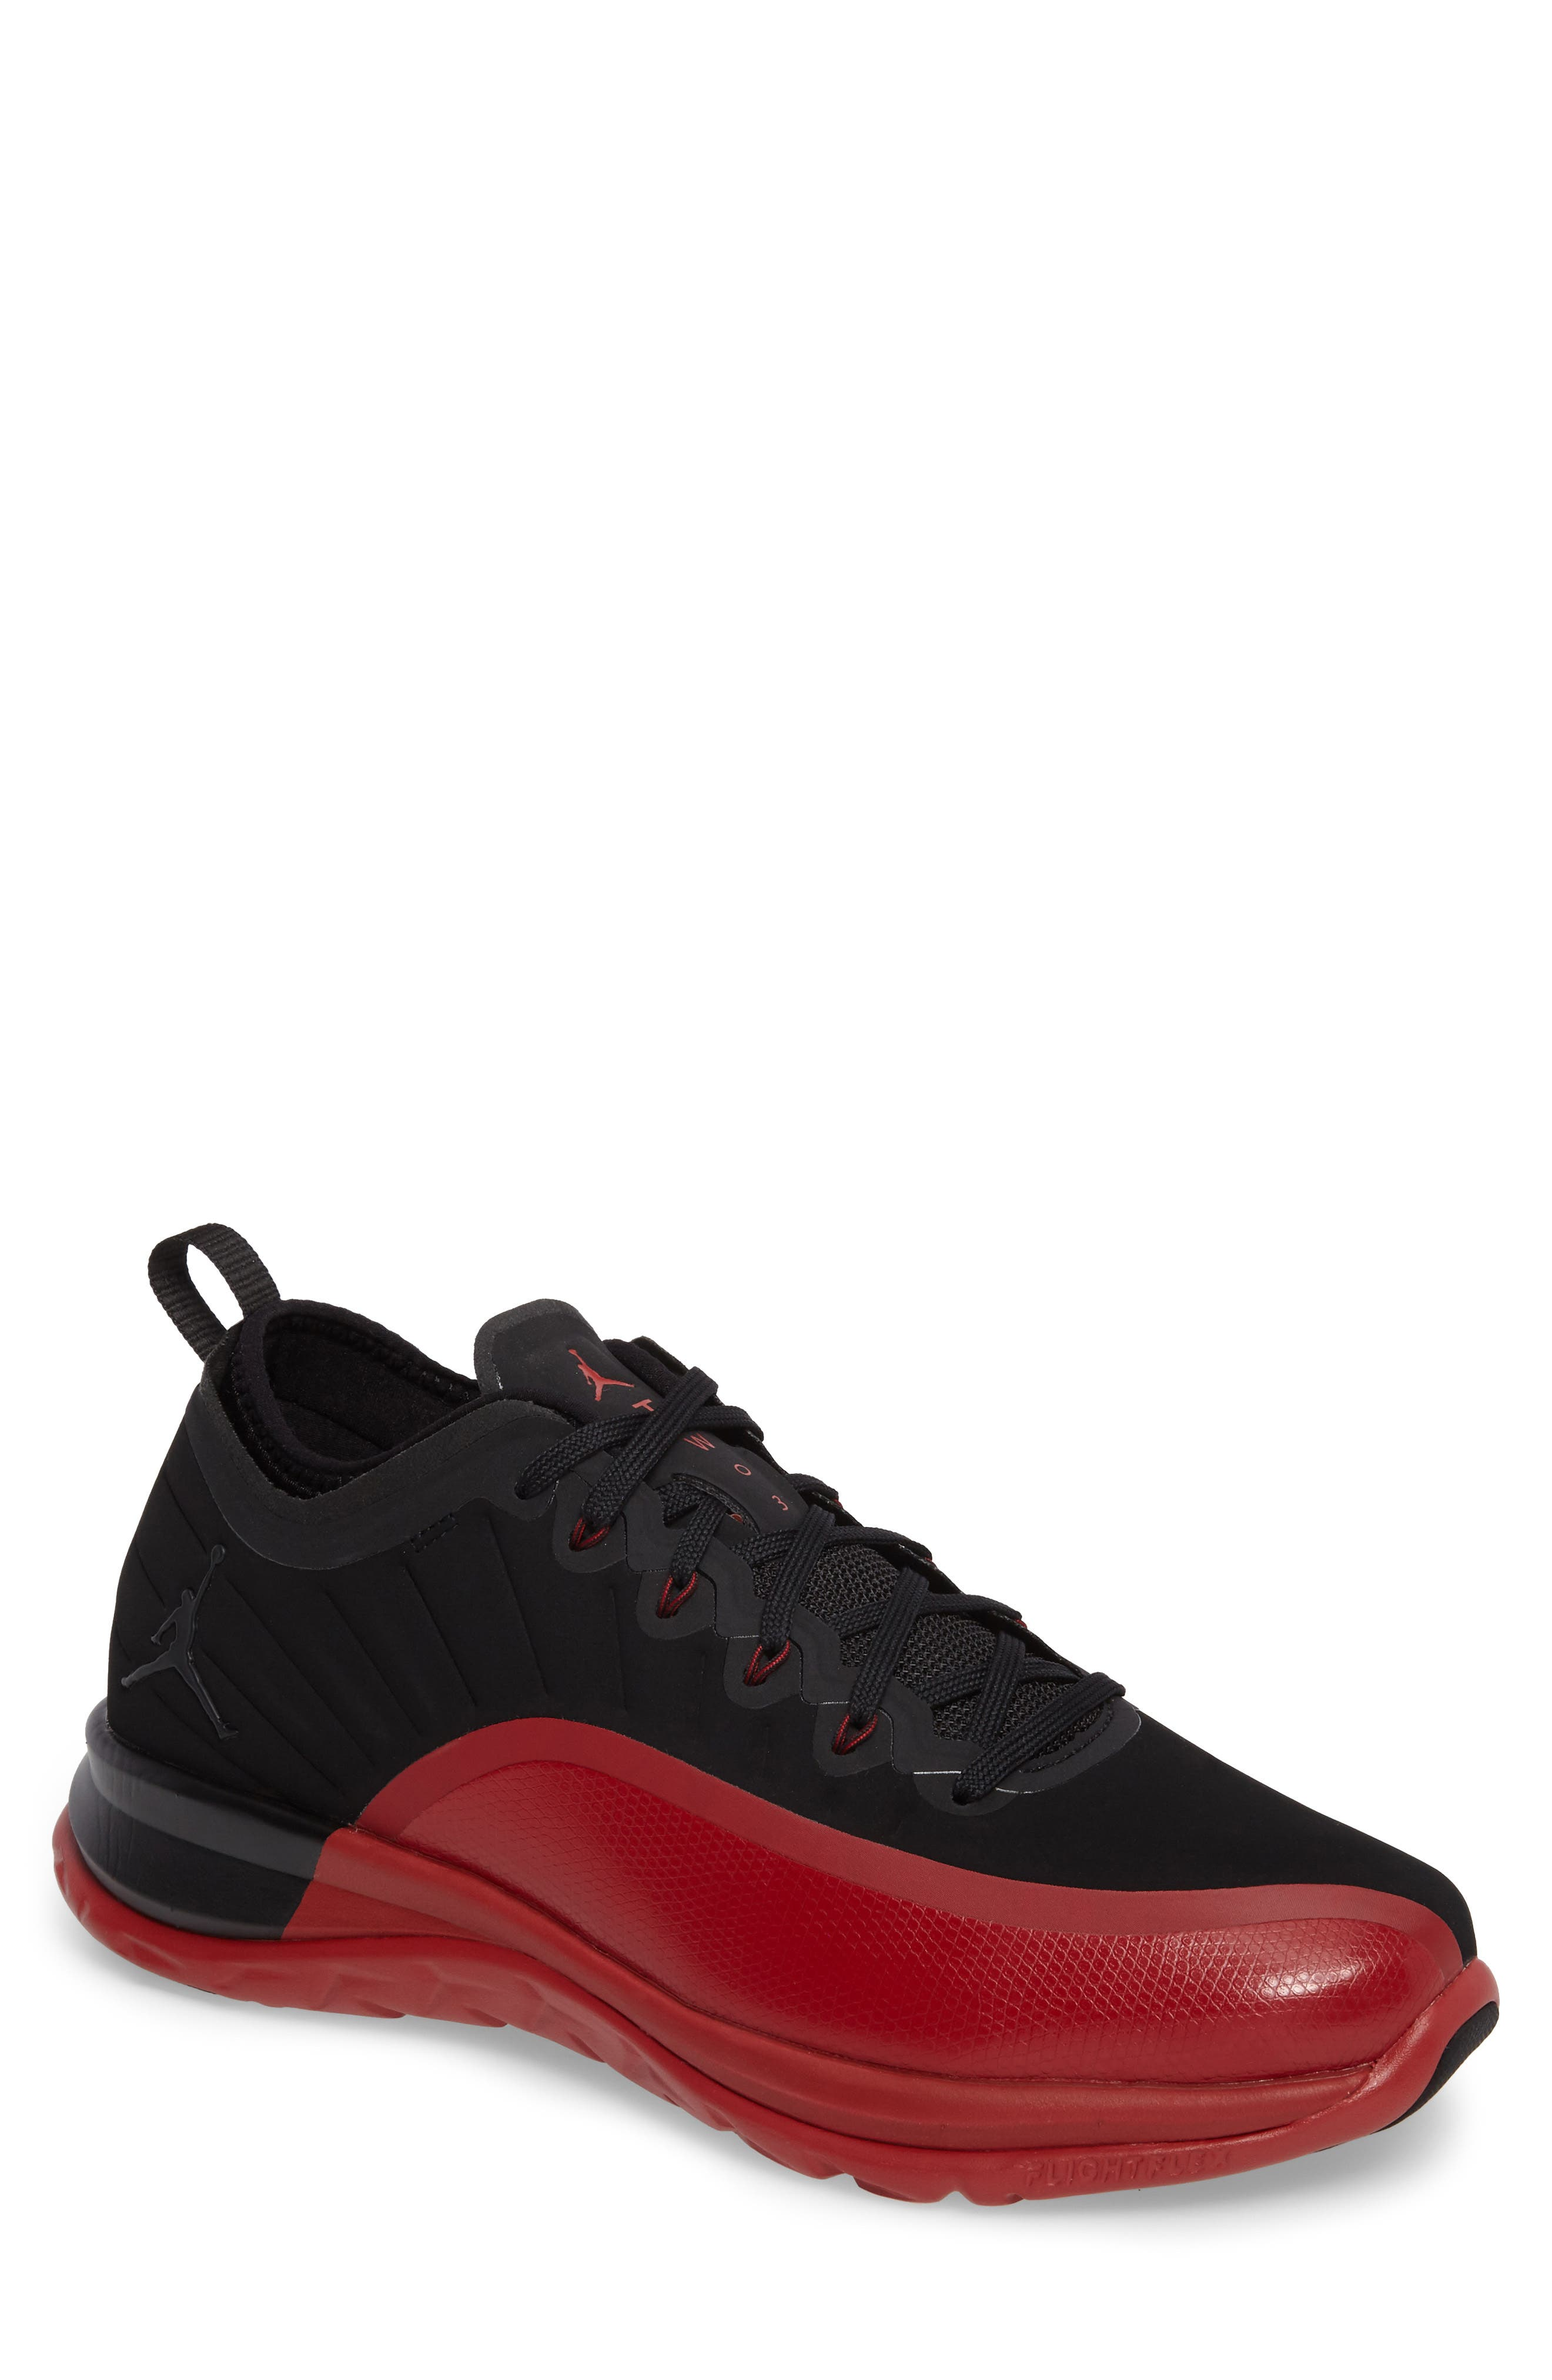 Jordan Trainer Prime Sneaker,                             Main thumbnail 1, color,                             006